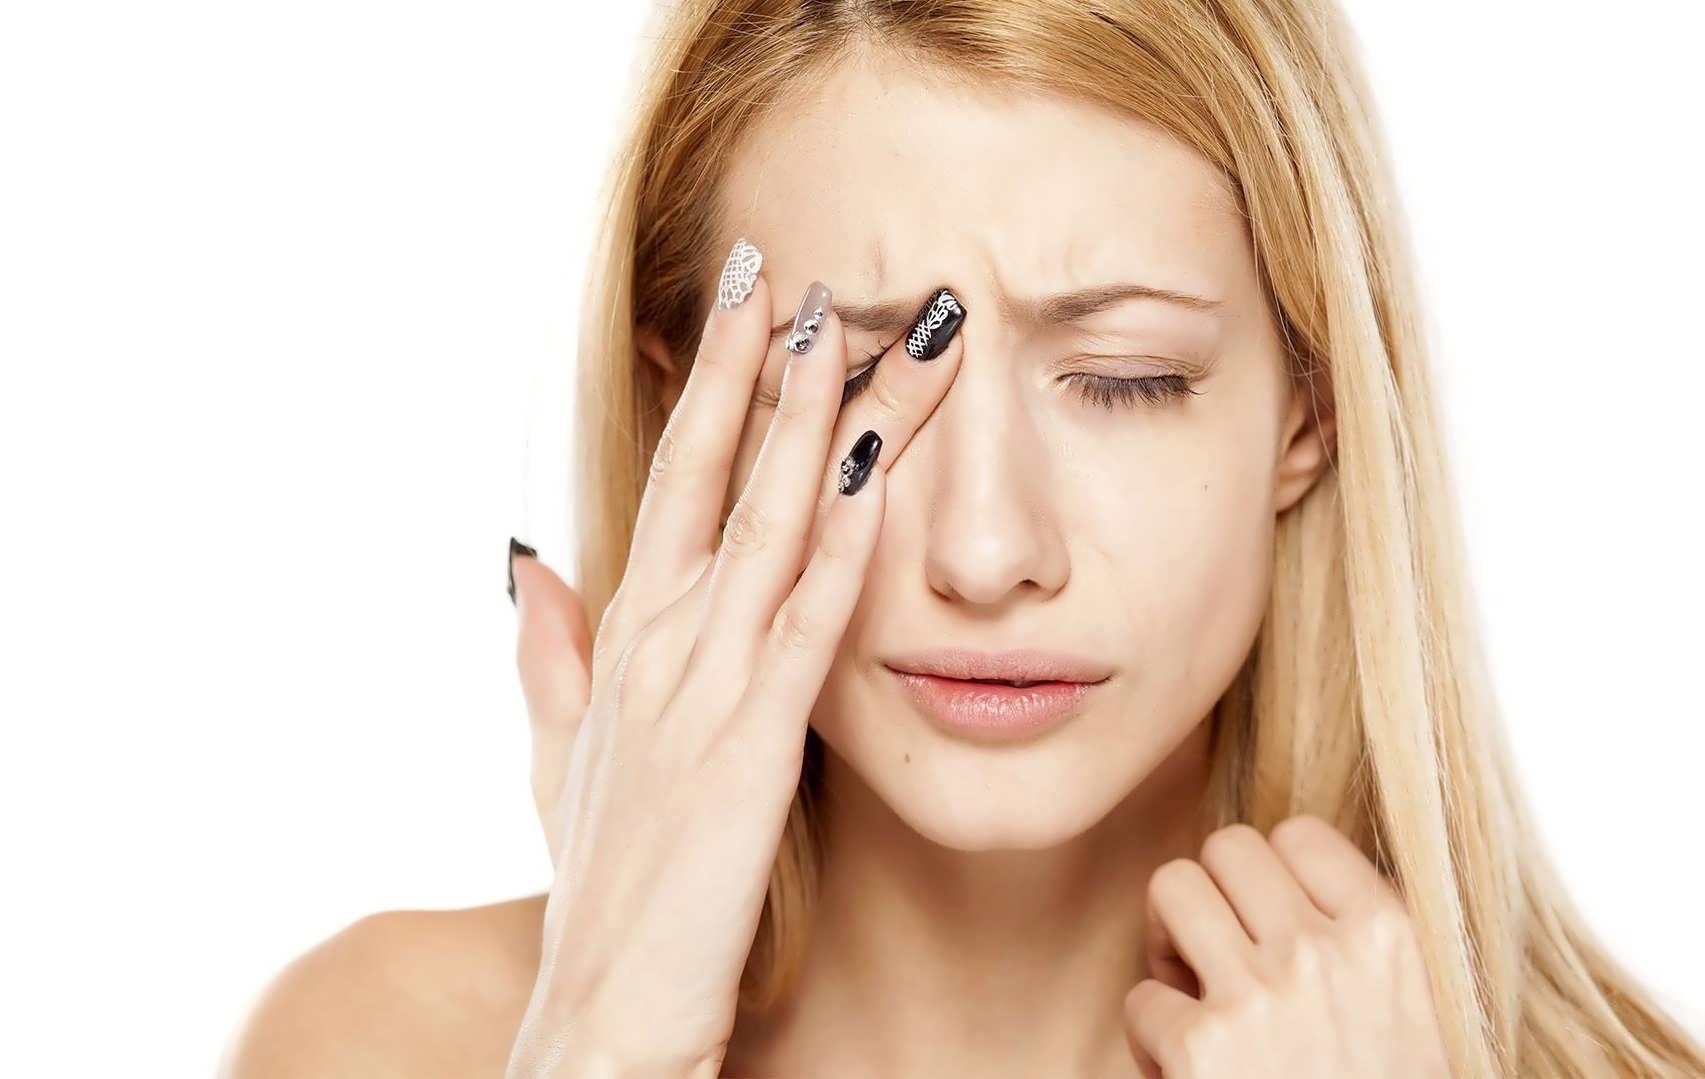 علائم مختلف خستگی چشم